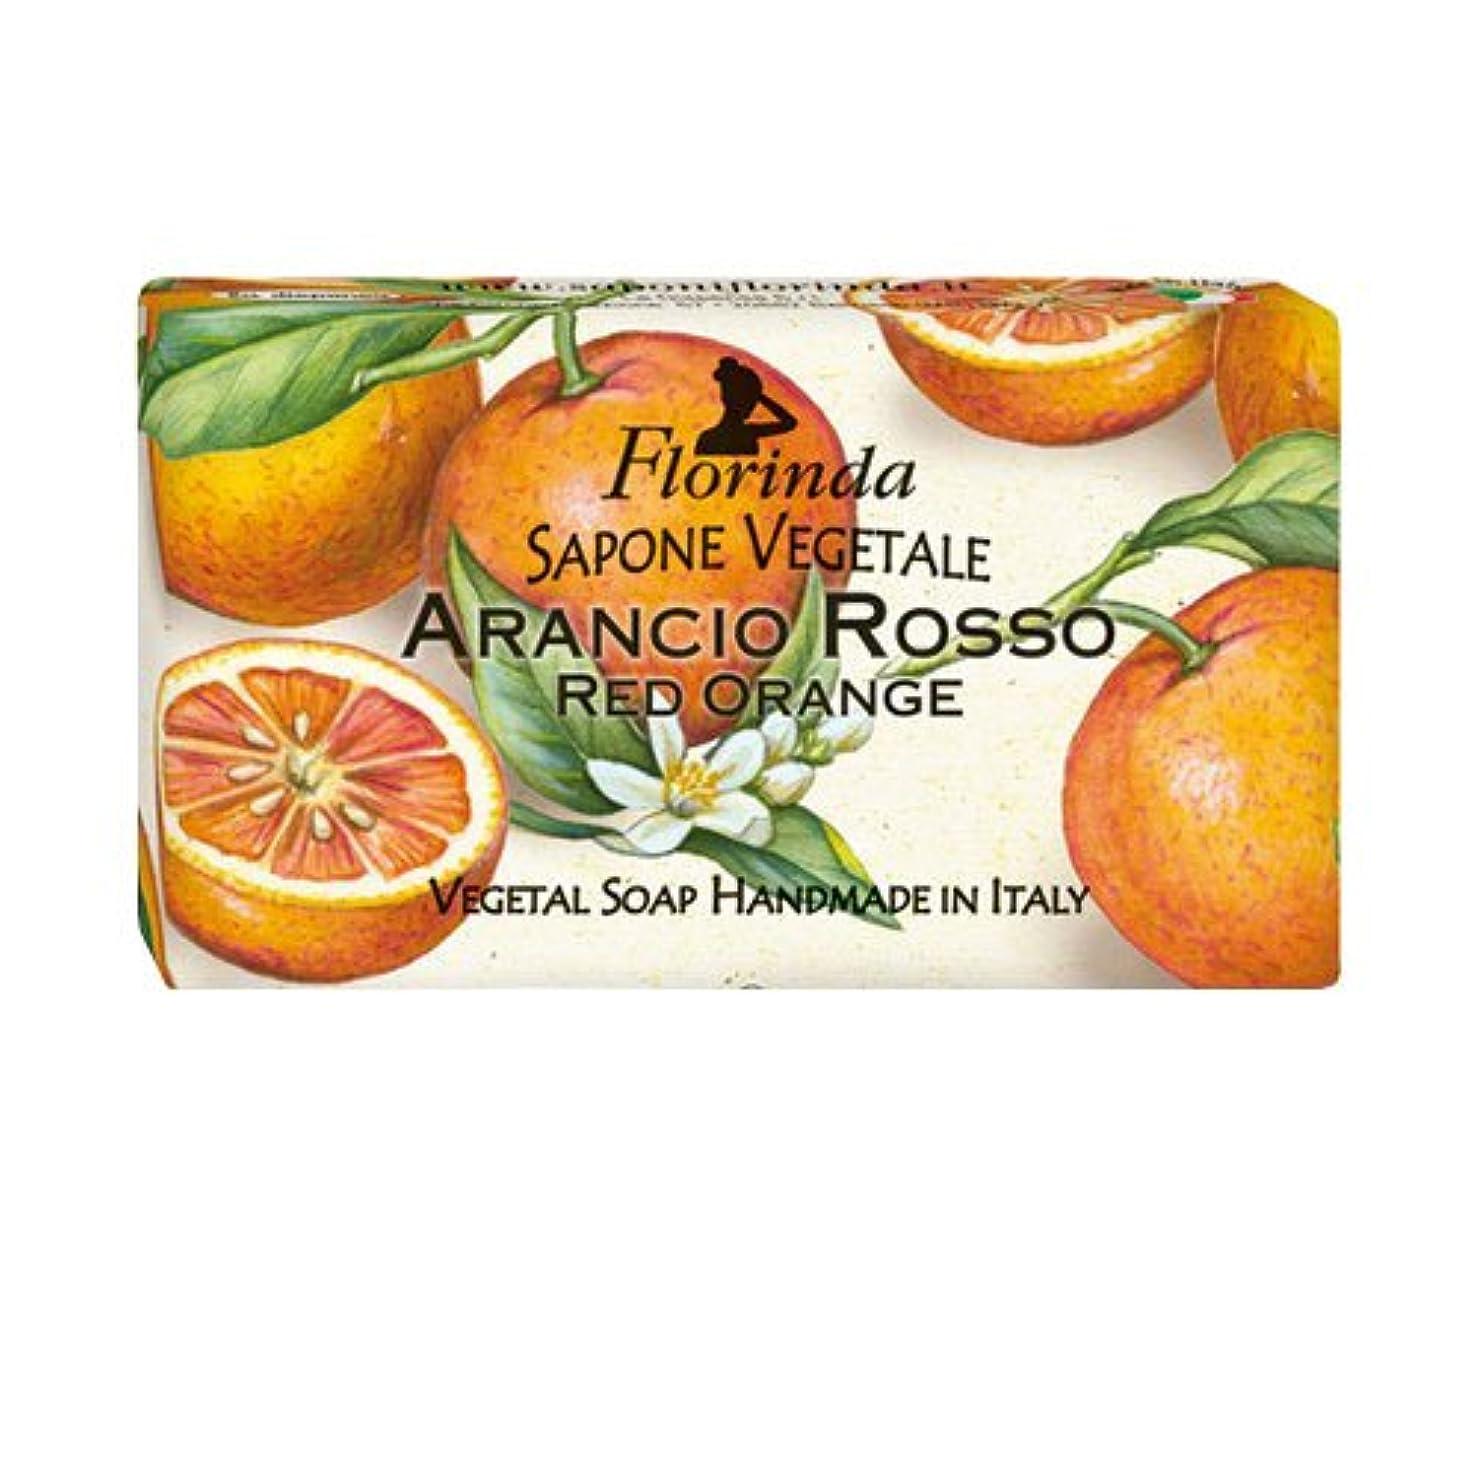 ユーモラス葉を拾うシソーラスフロリンダ フレグランスソープ フルーツ レッドオレンジ 95g